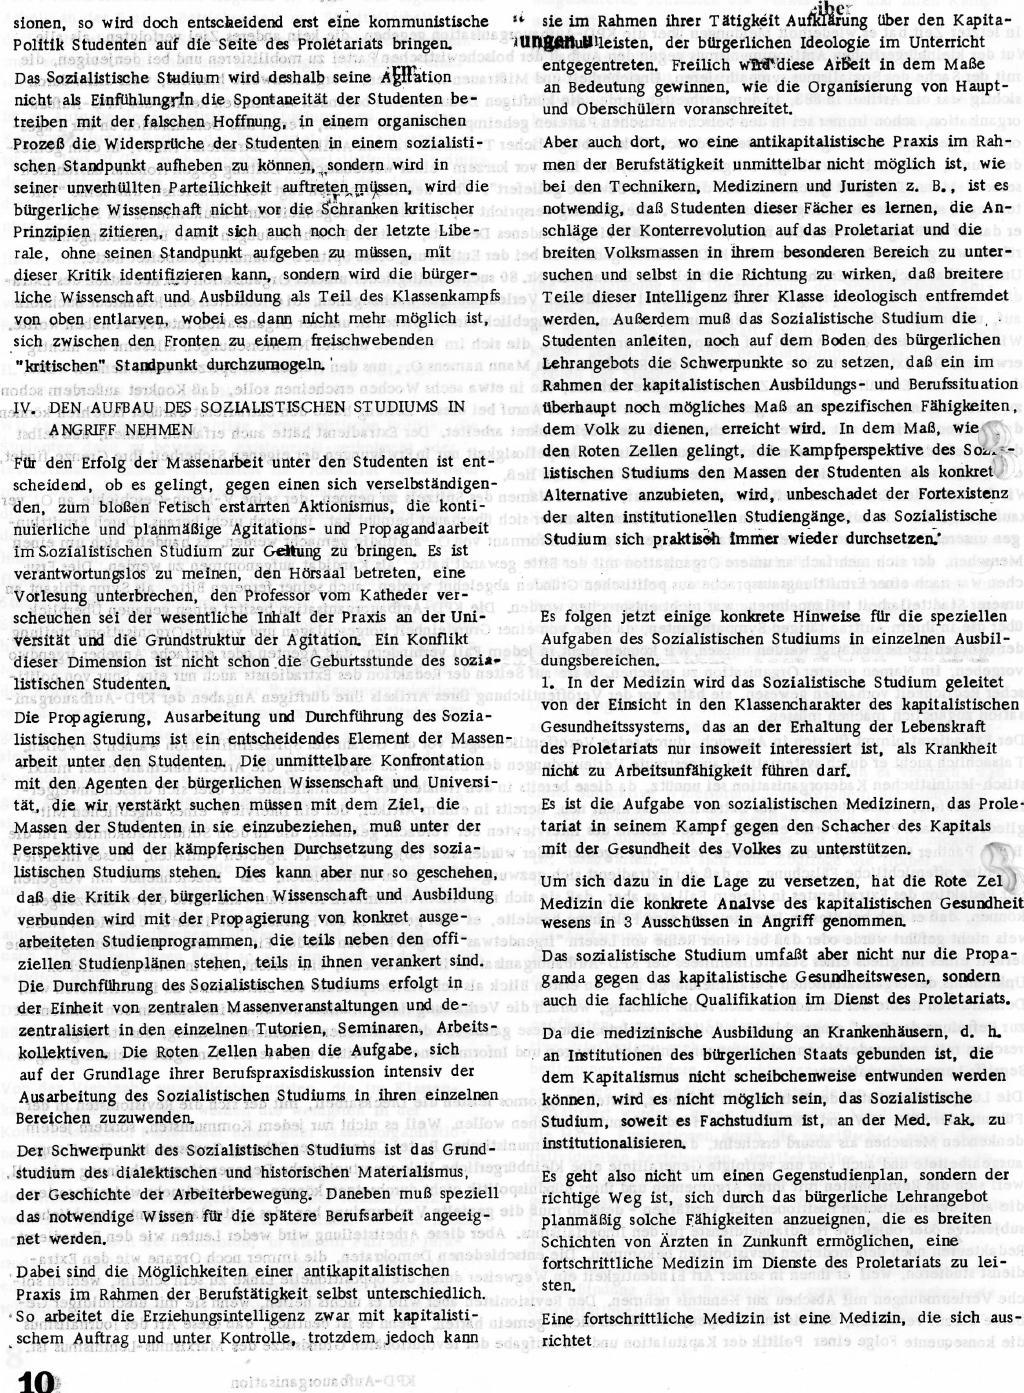 RPK_1970_088_10